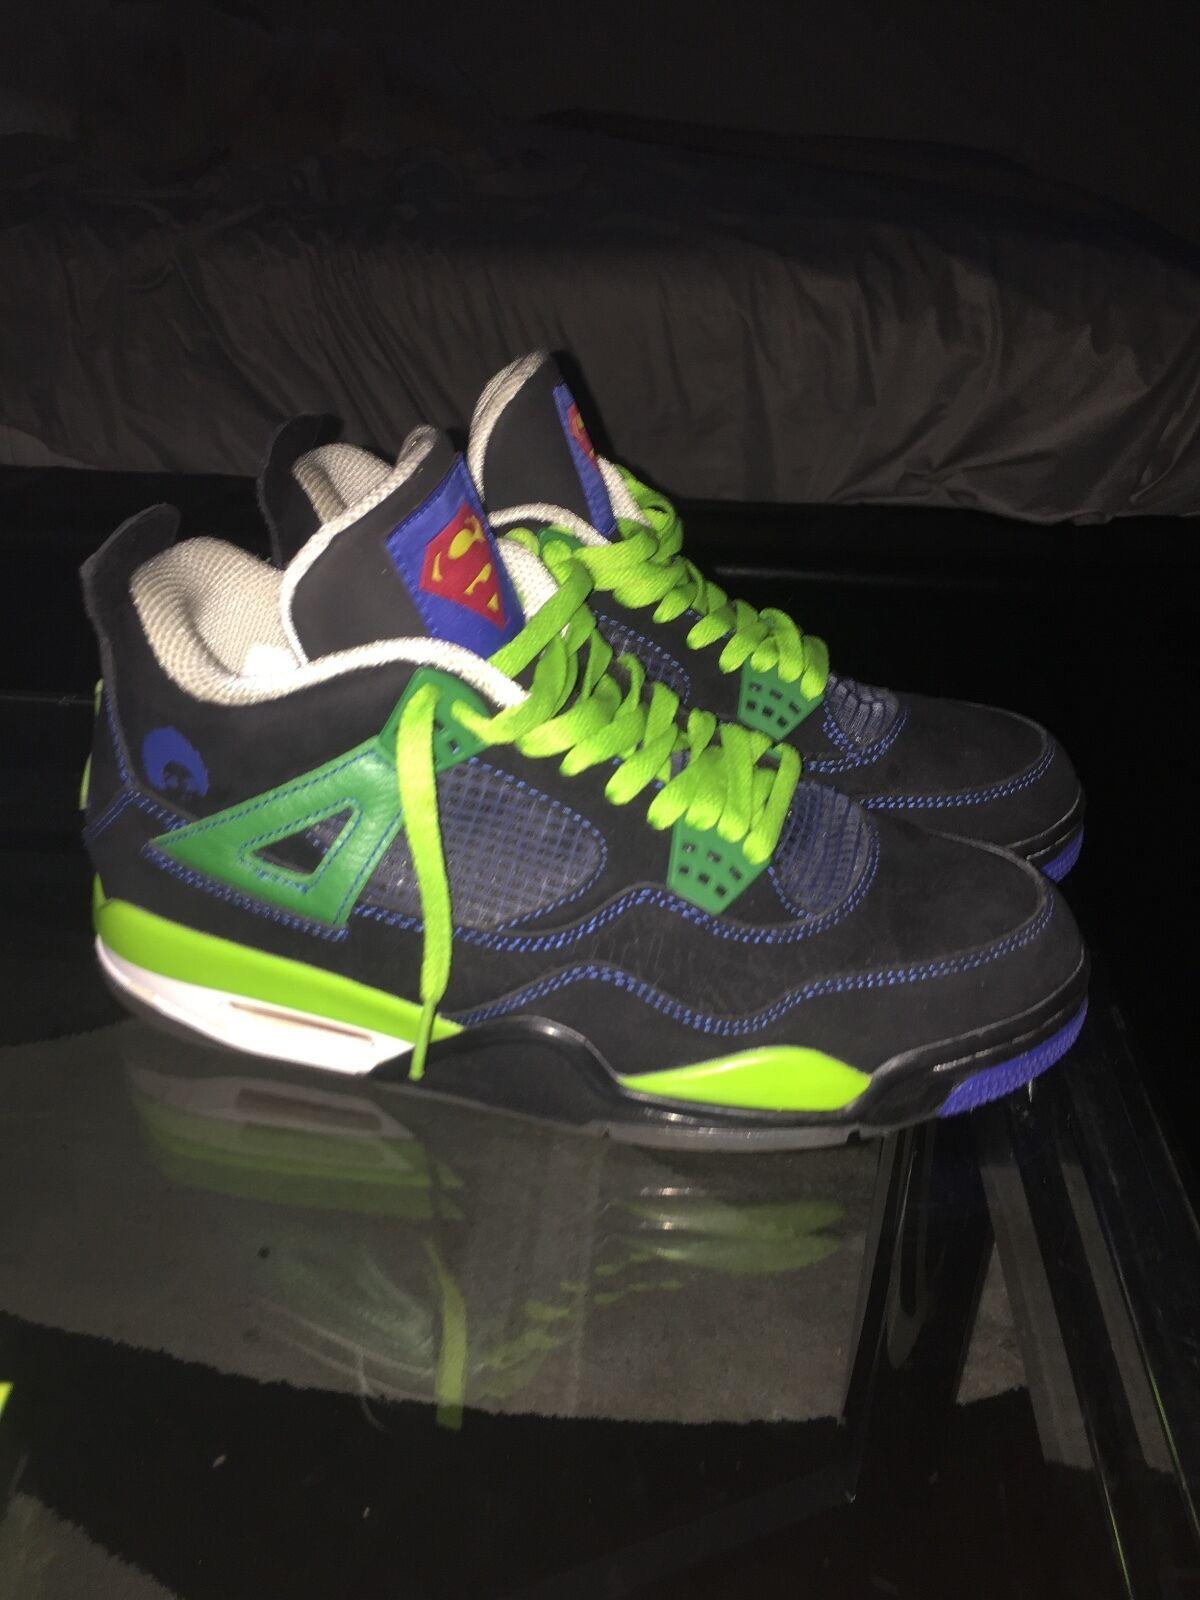 Dornbecher 4s Jordans, size 9.5 original all